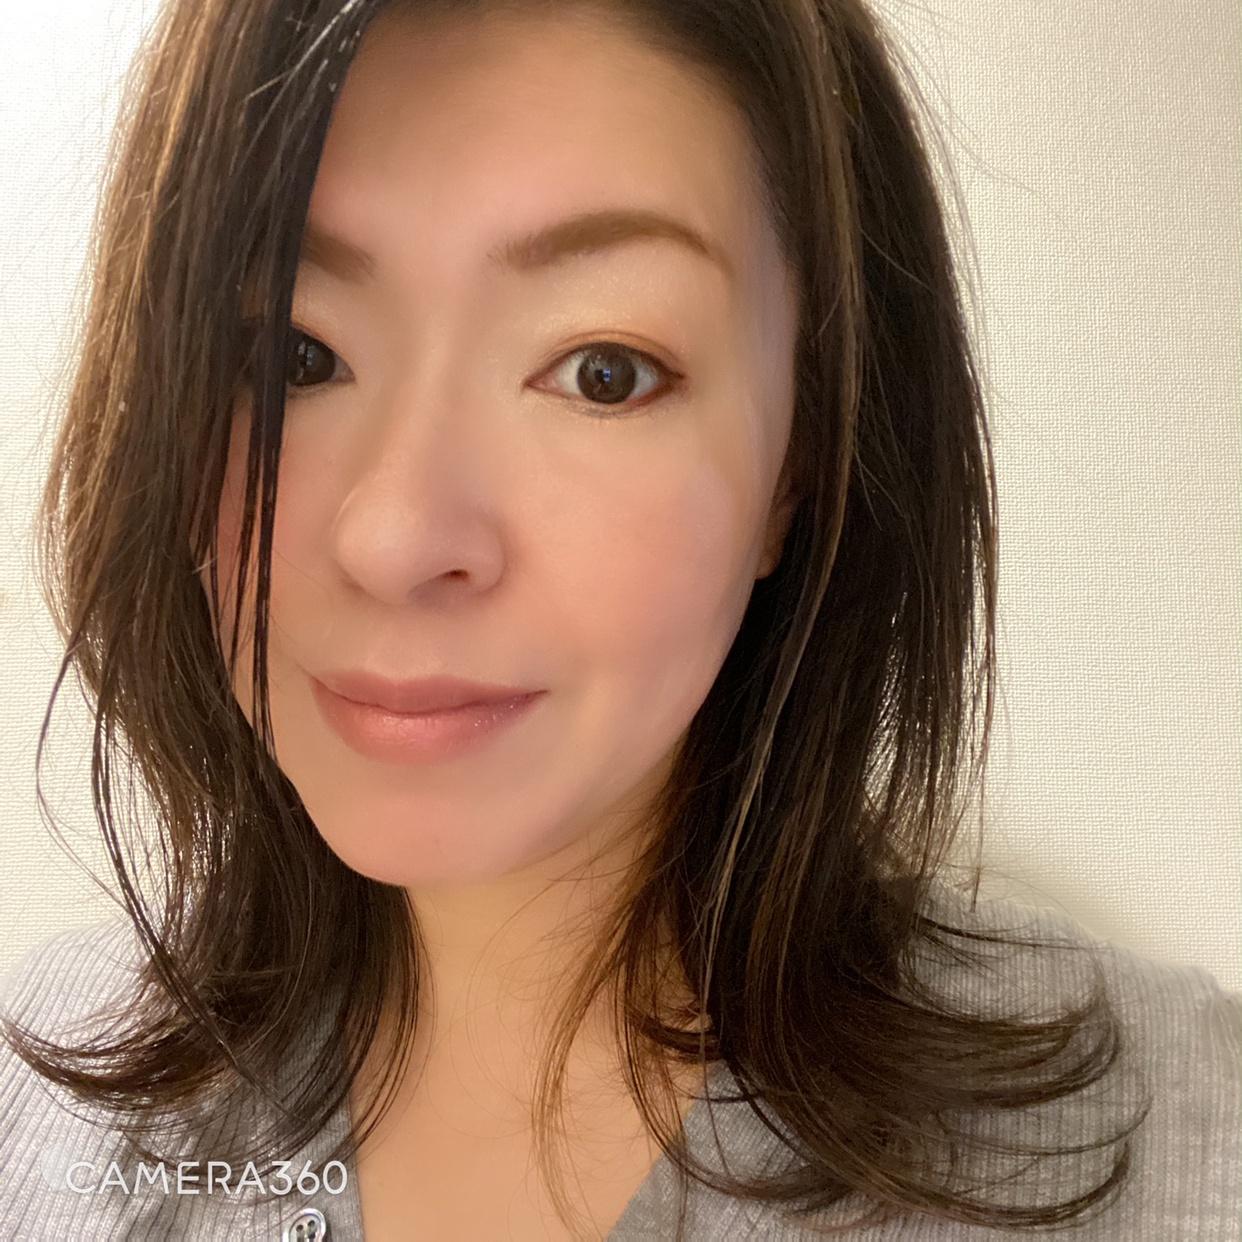 fuka712 / 女性のプロフィール画像